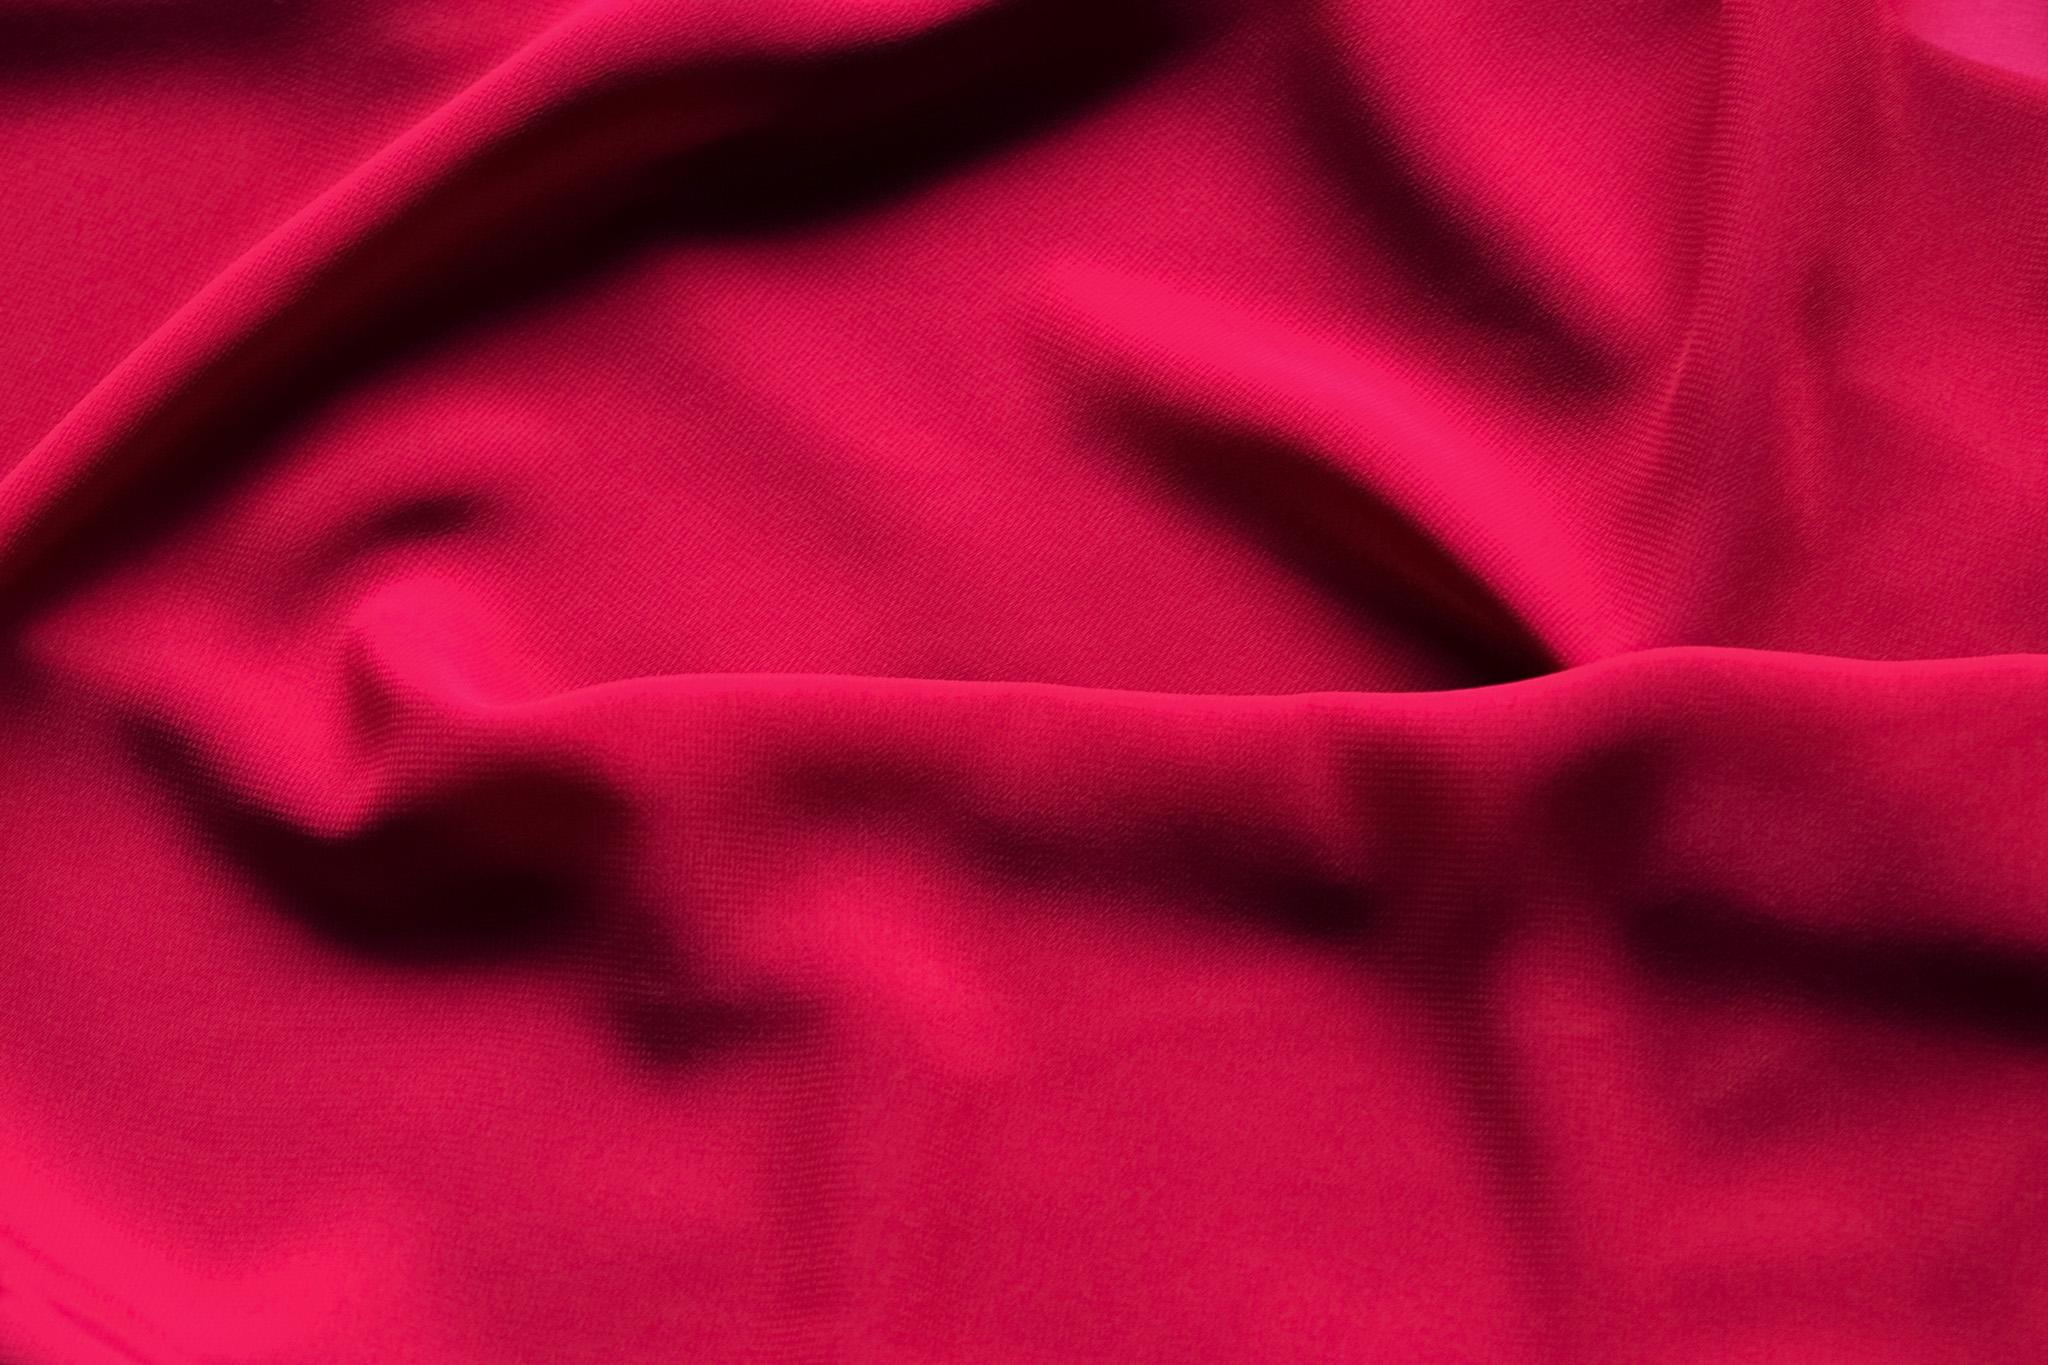 「柔らかな赤い布地のテクスチャ」